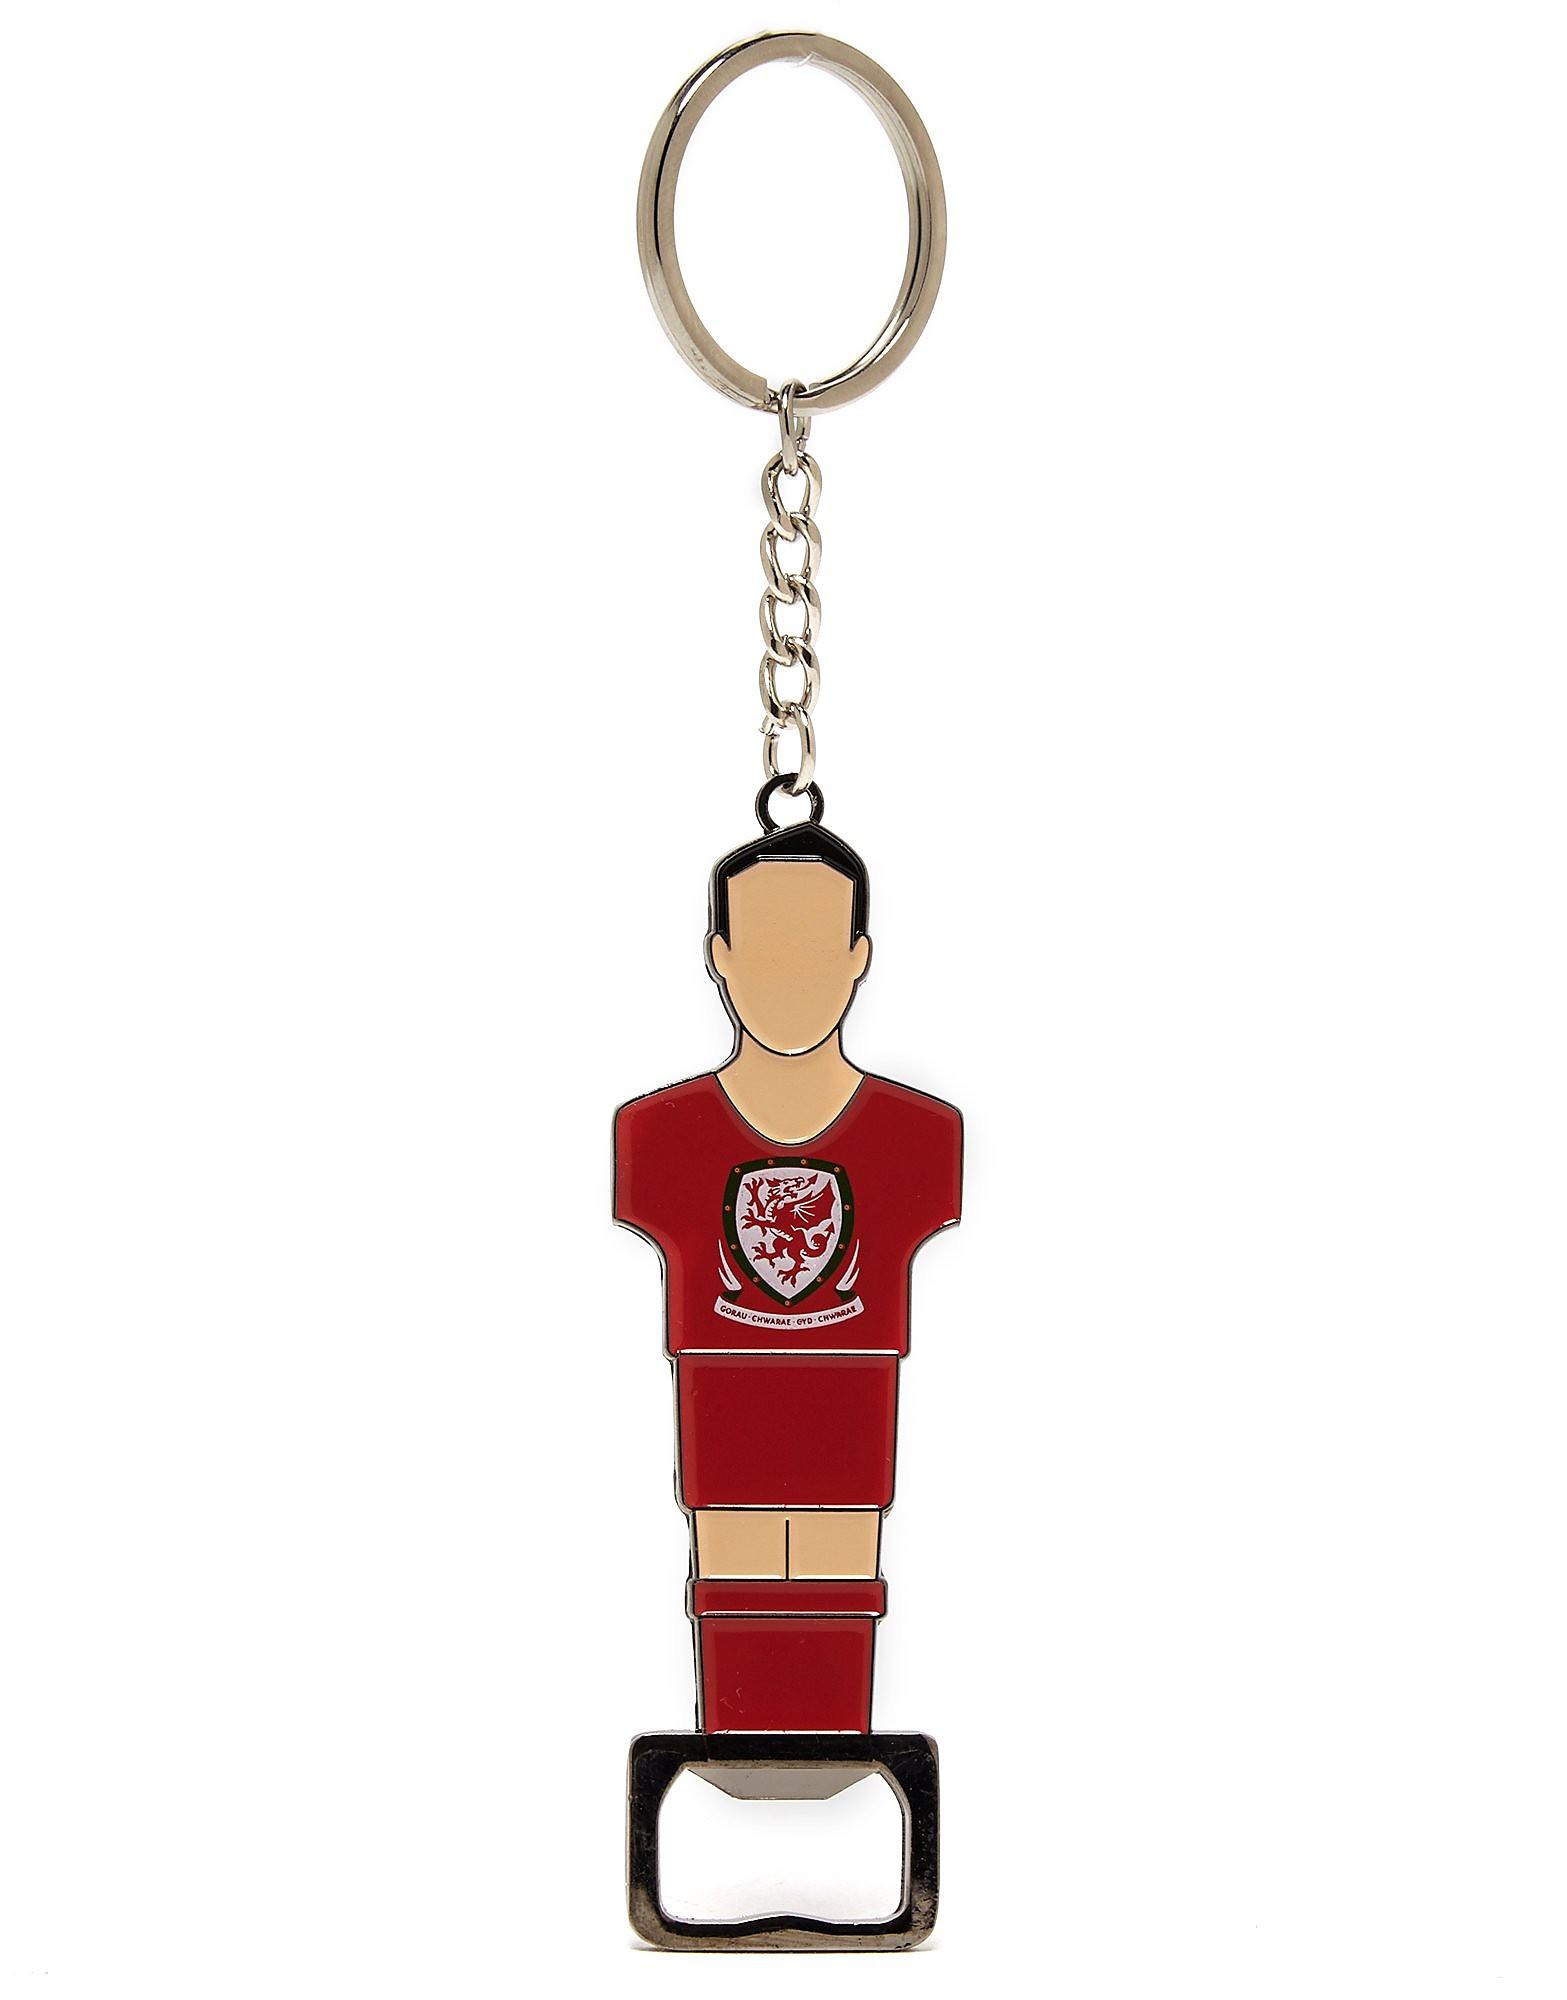 Official Team Abrelatas llavero de Gales